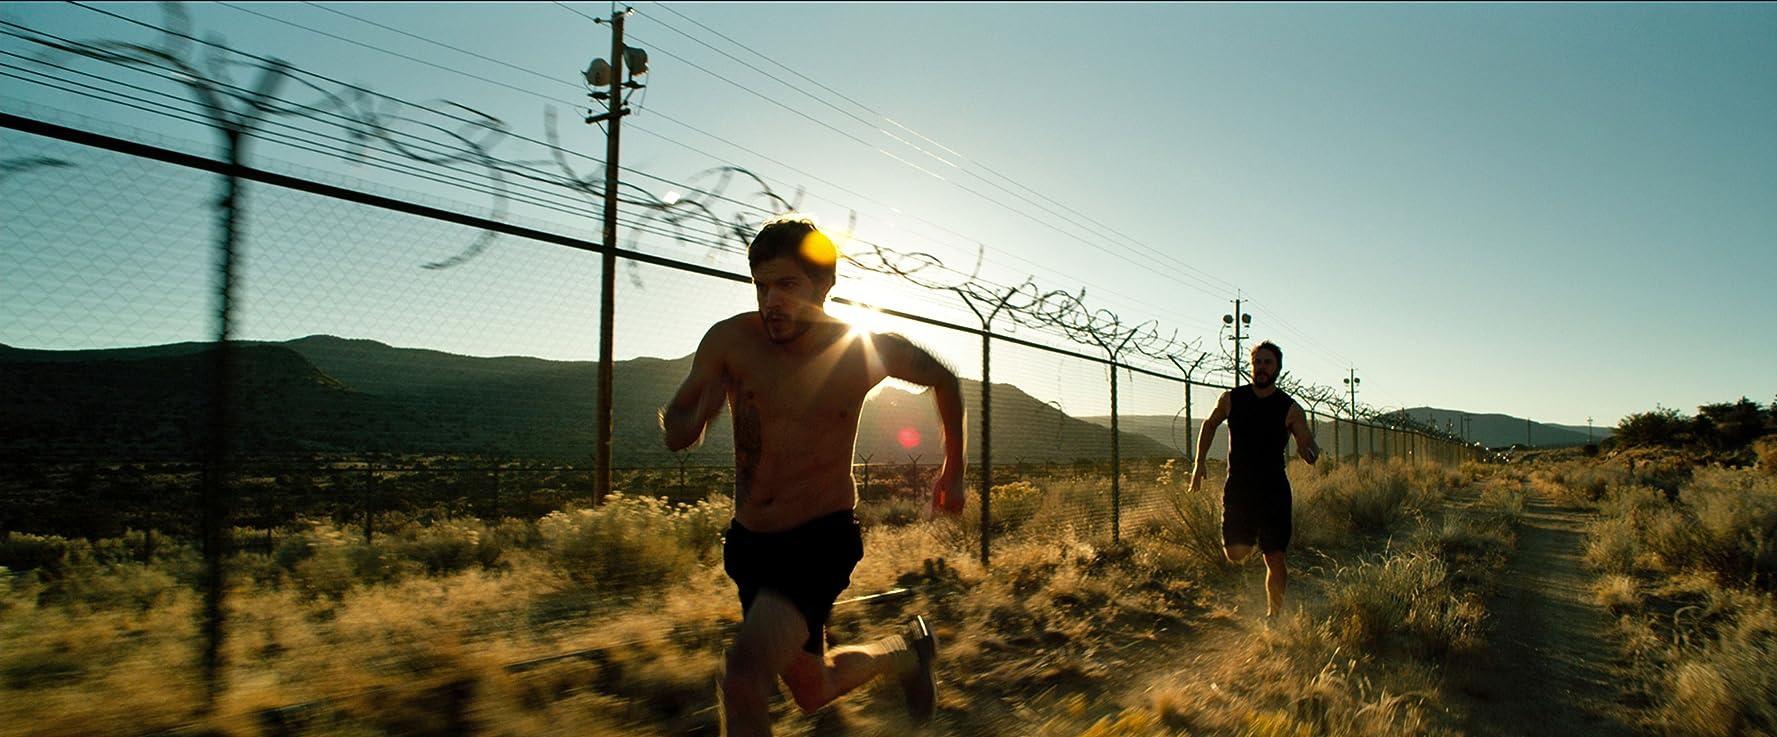 Emile Hirsch and Taylor Kitsch in Lone Survivor (2013)